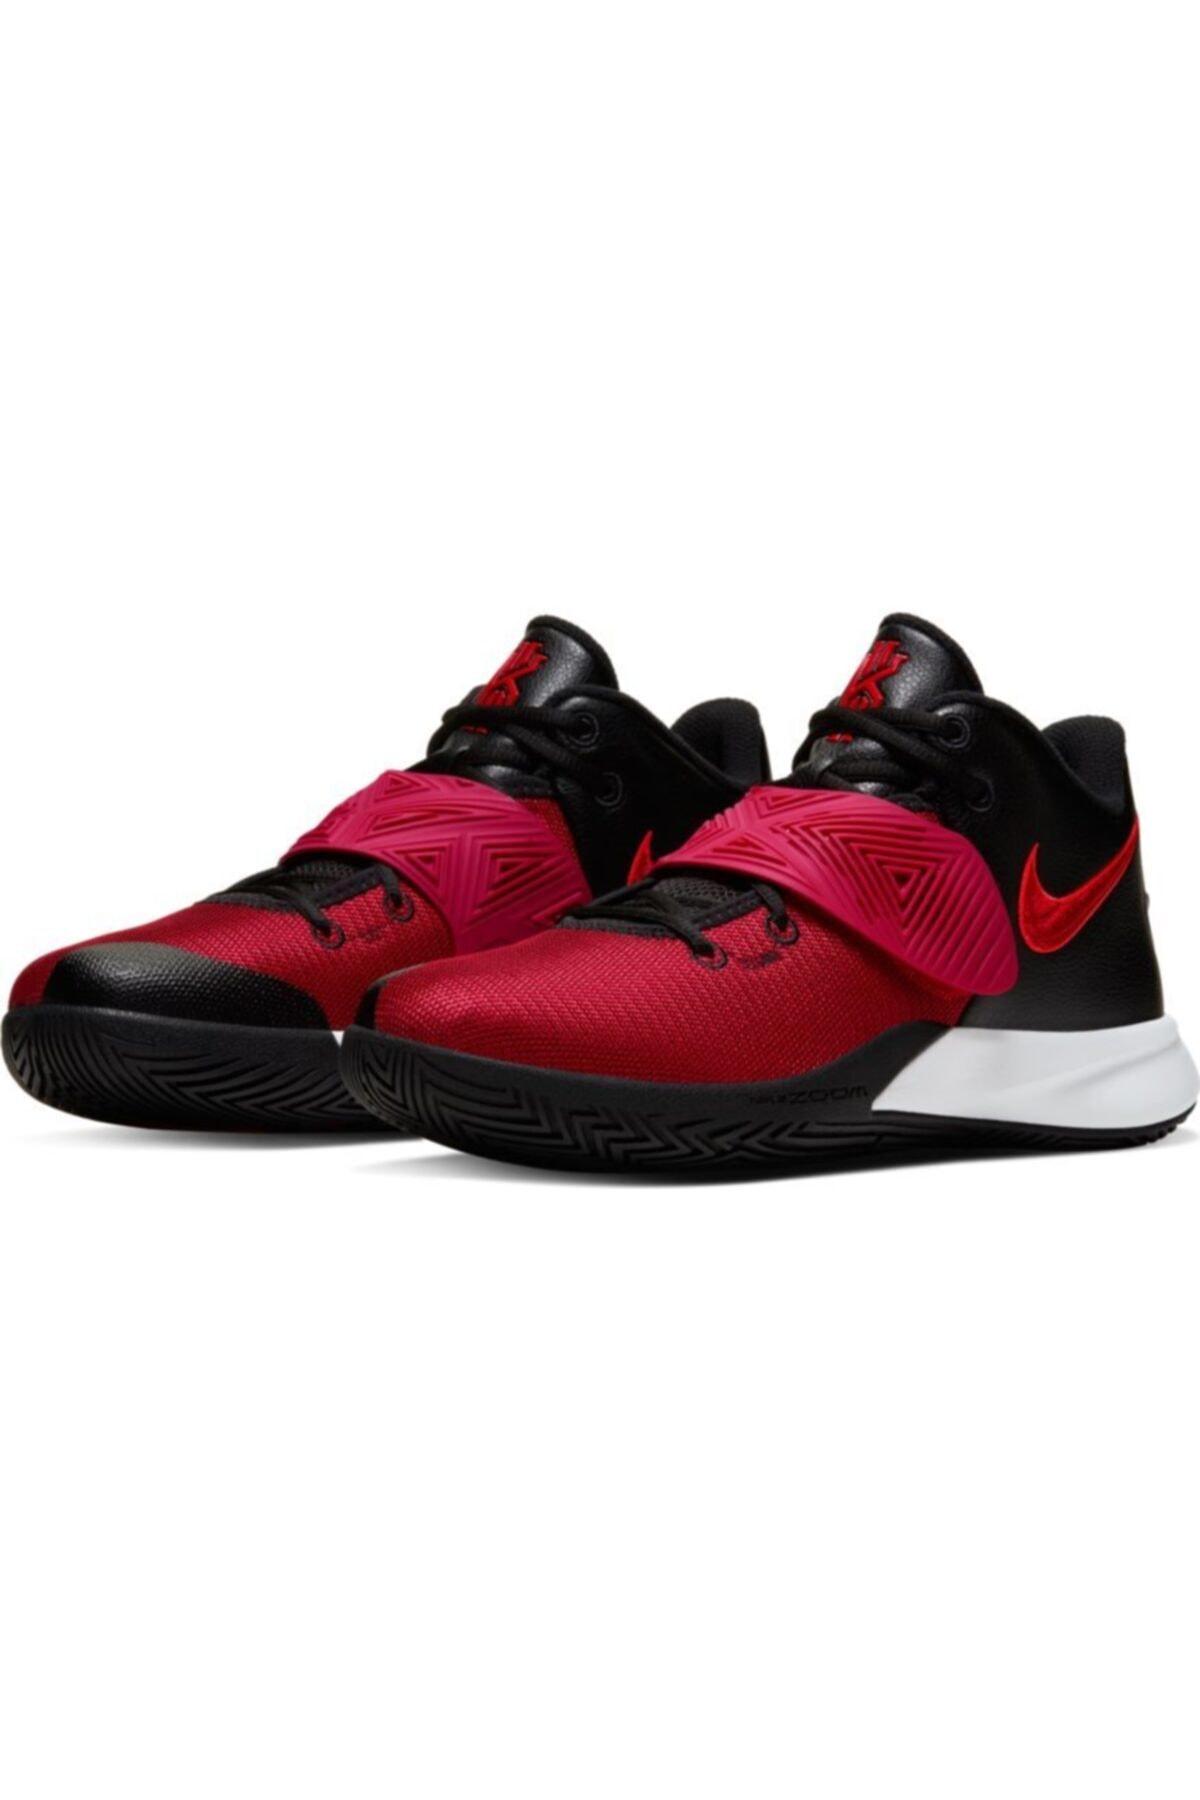 Nike Erkek Kırmızı Kyrie Flytrap III Basketbol Ayakkabısı Bq3060-009